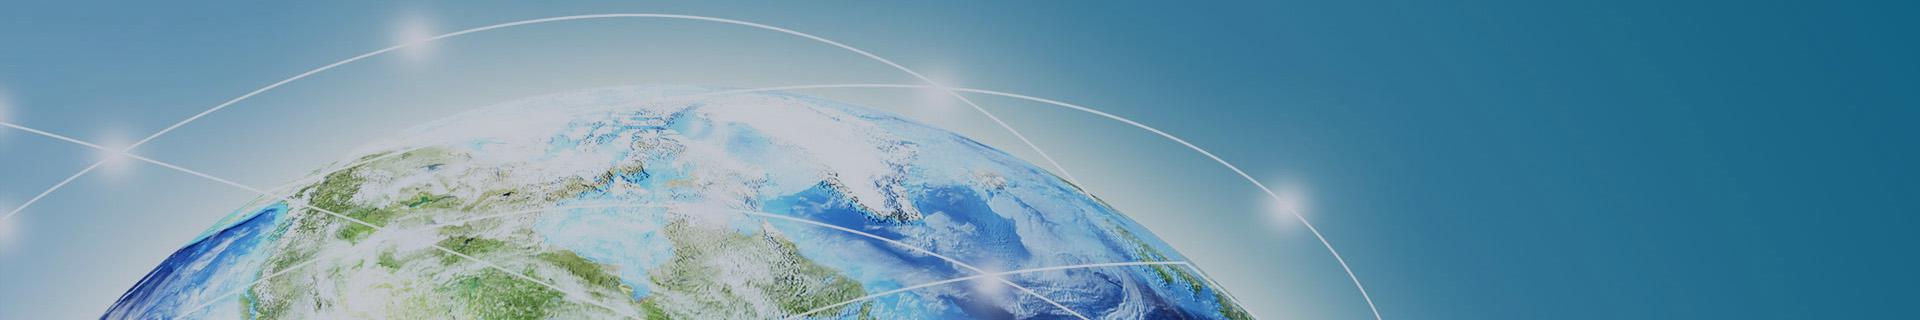 環球轉向器